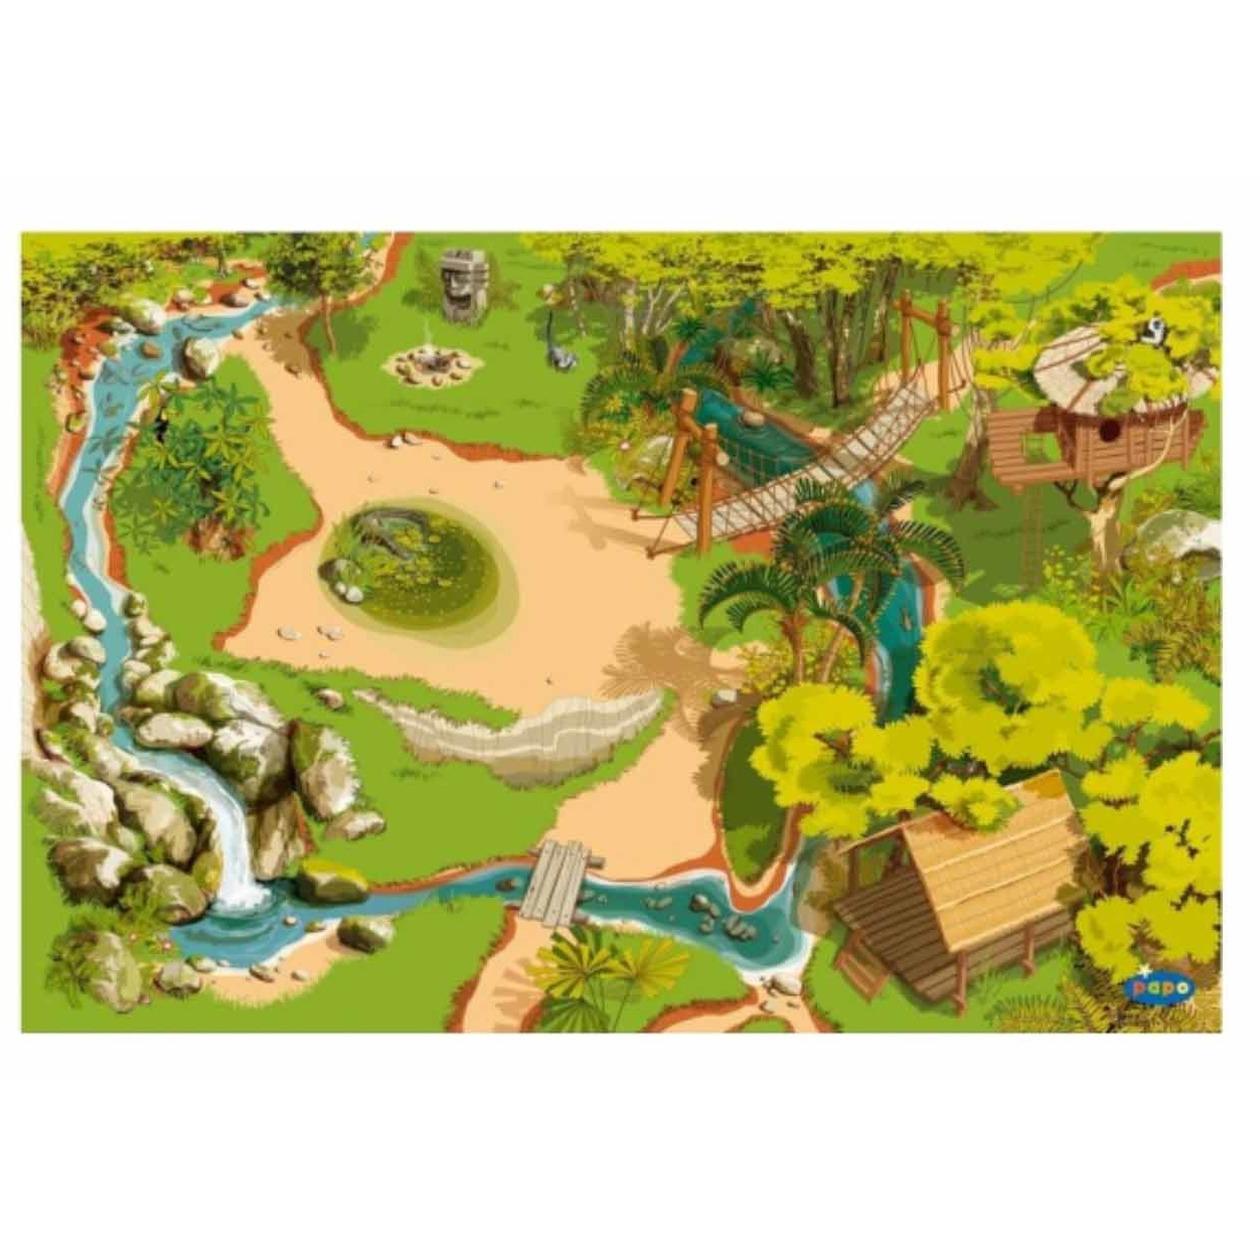 Jungle Decoratie Kinderkamer.Speelkleed Jungle 95 X 135 Cm Kinderkamer Decoratie Bellatio